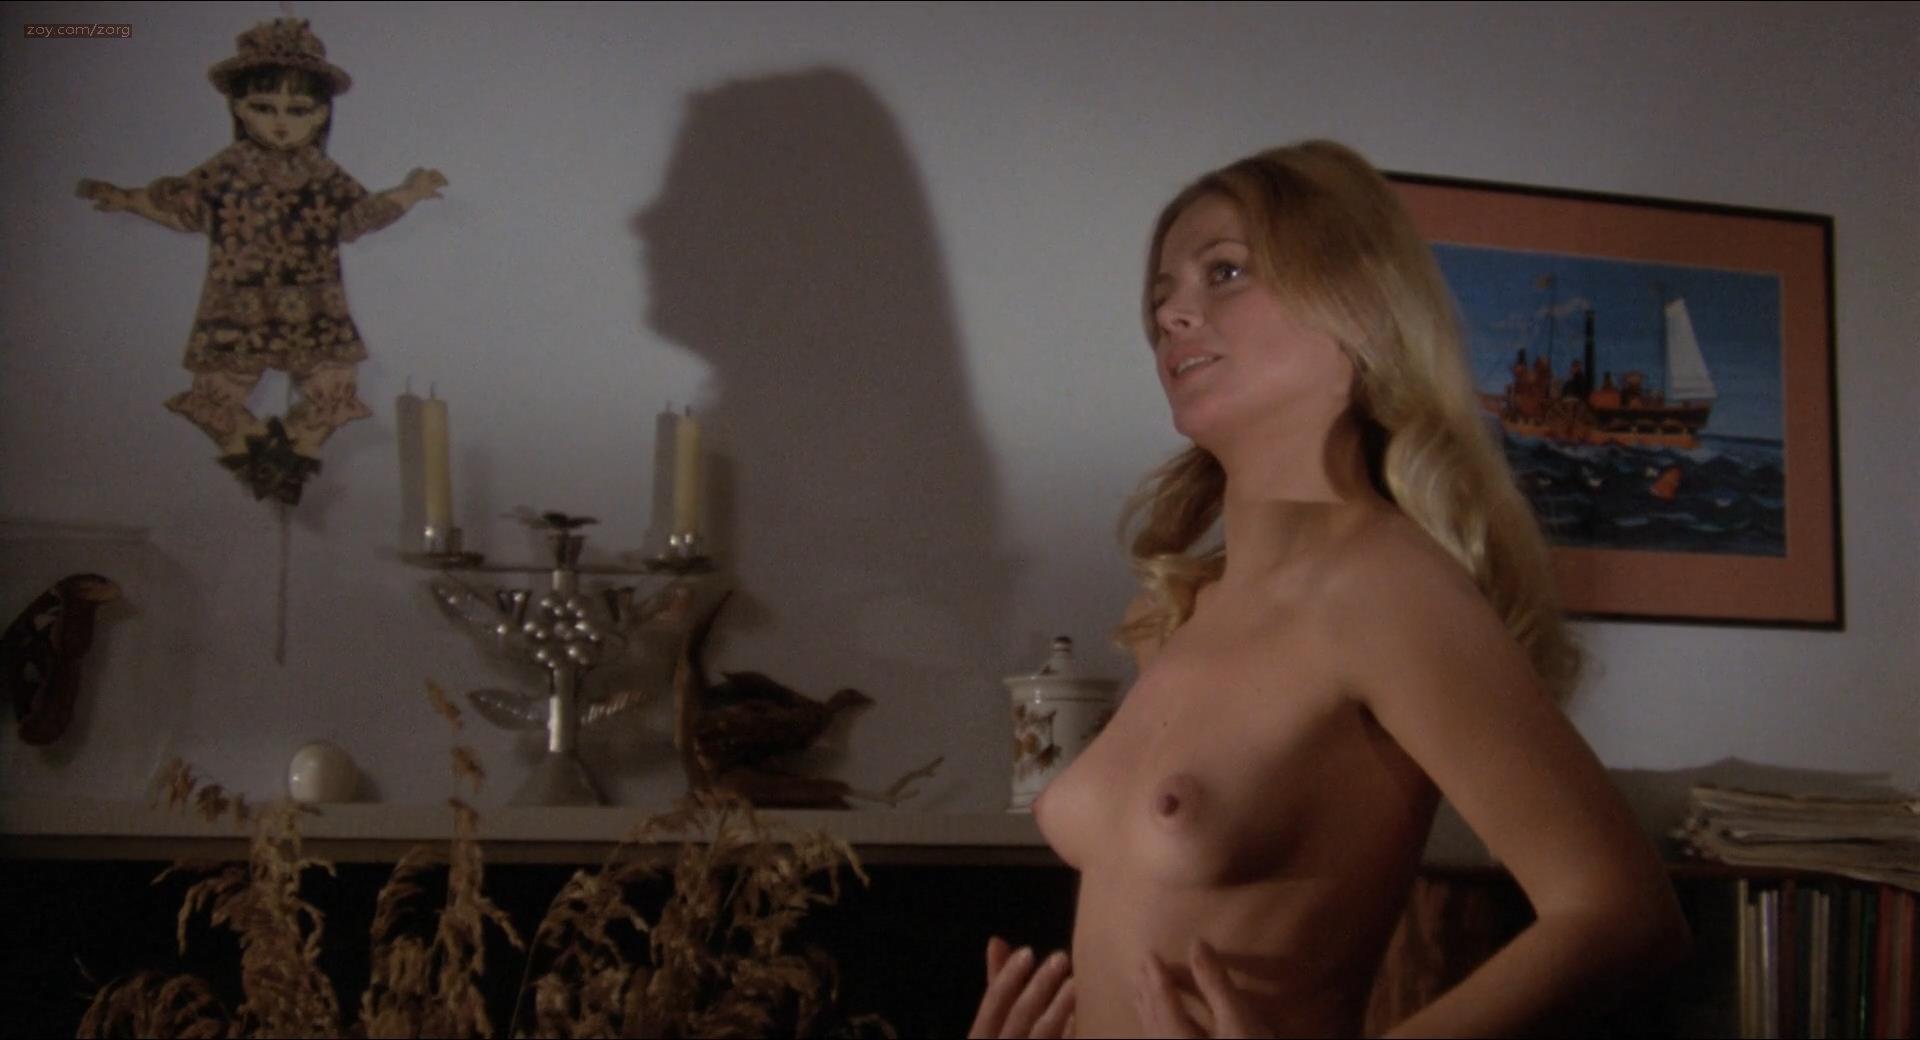 Paula zahn bikini